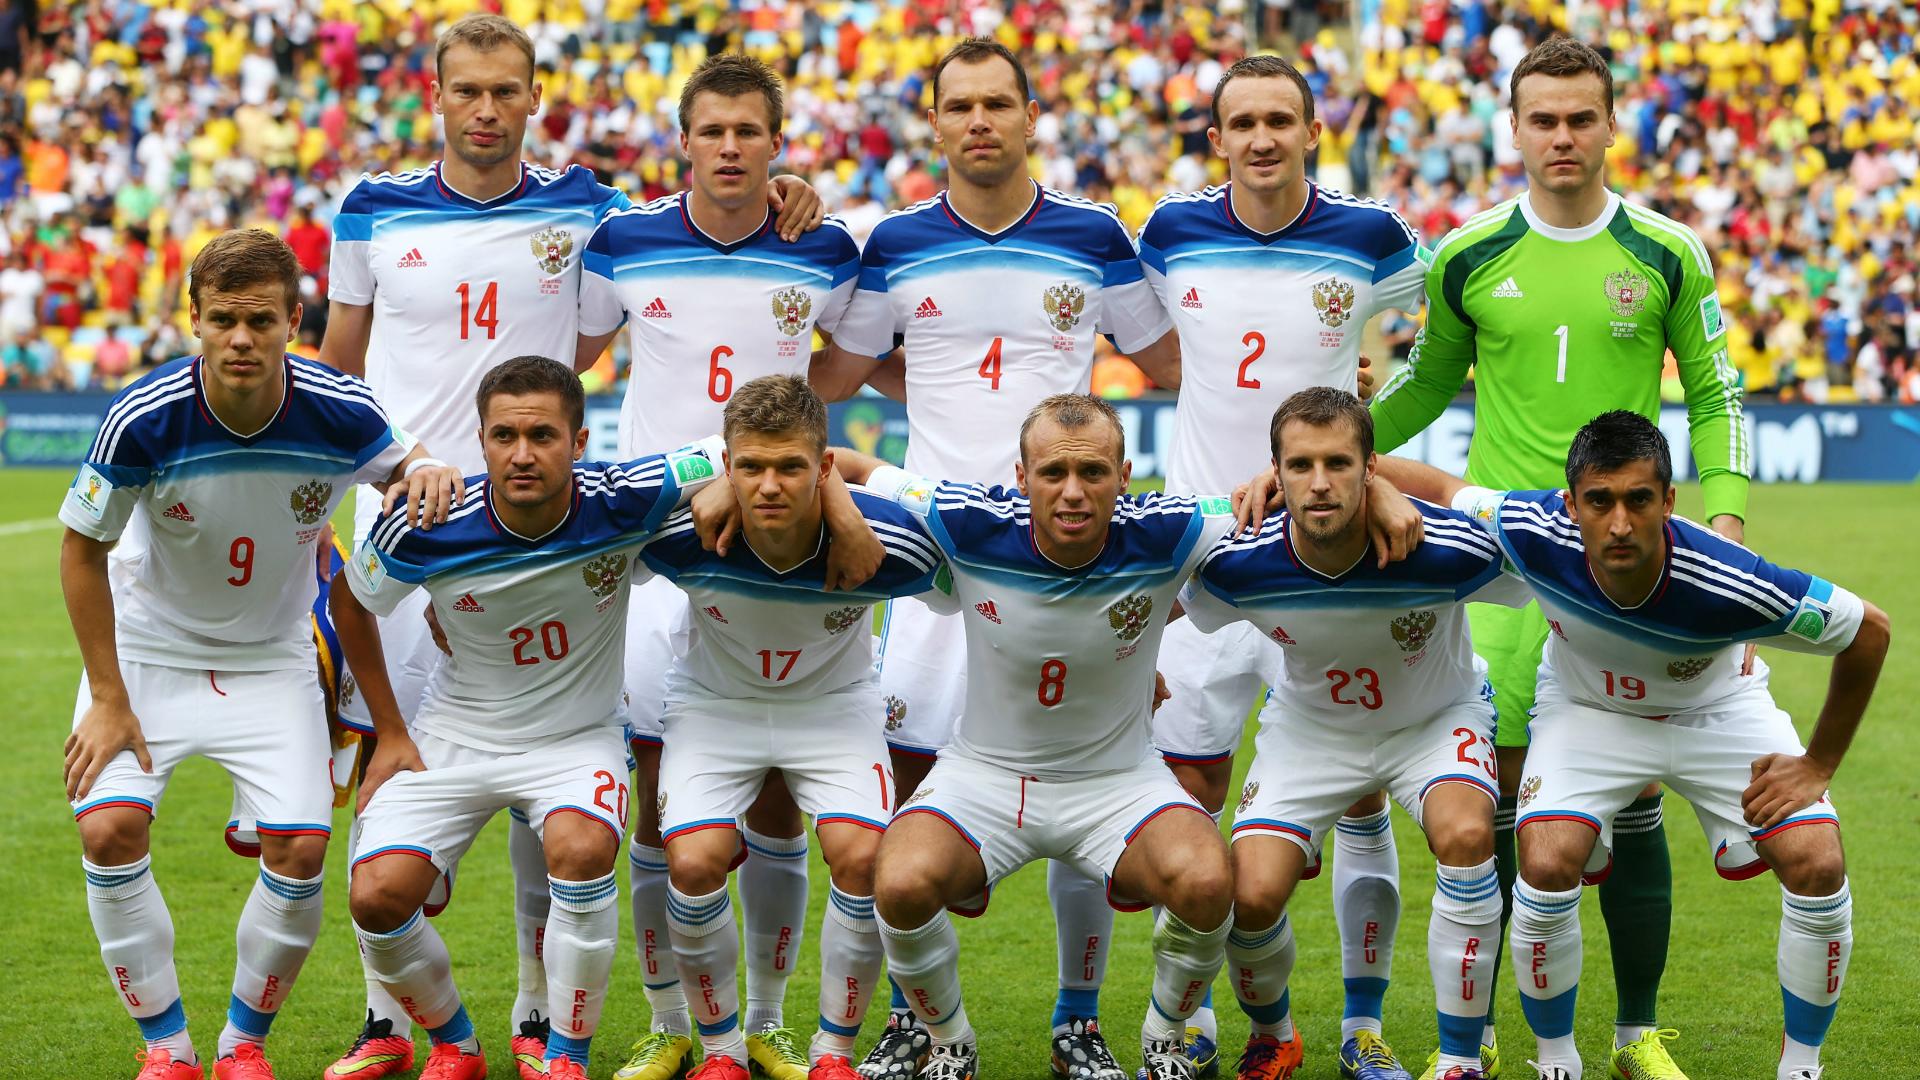 Angeblich Doping-Untersuchung gegen Russlands WM-Team 2014